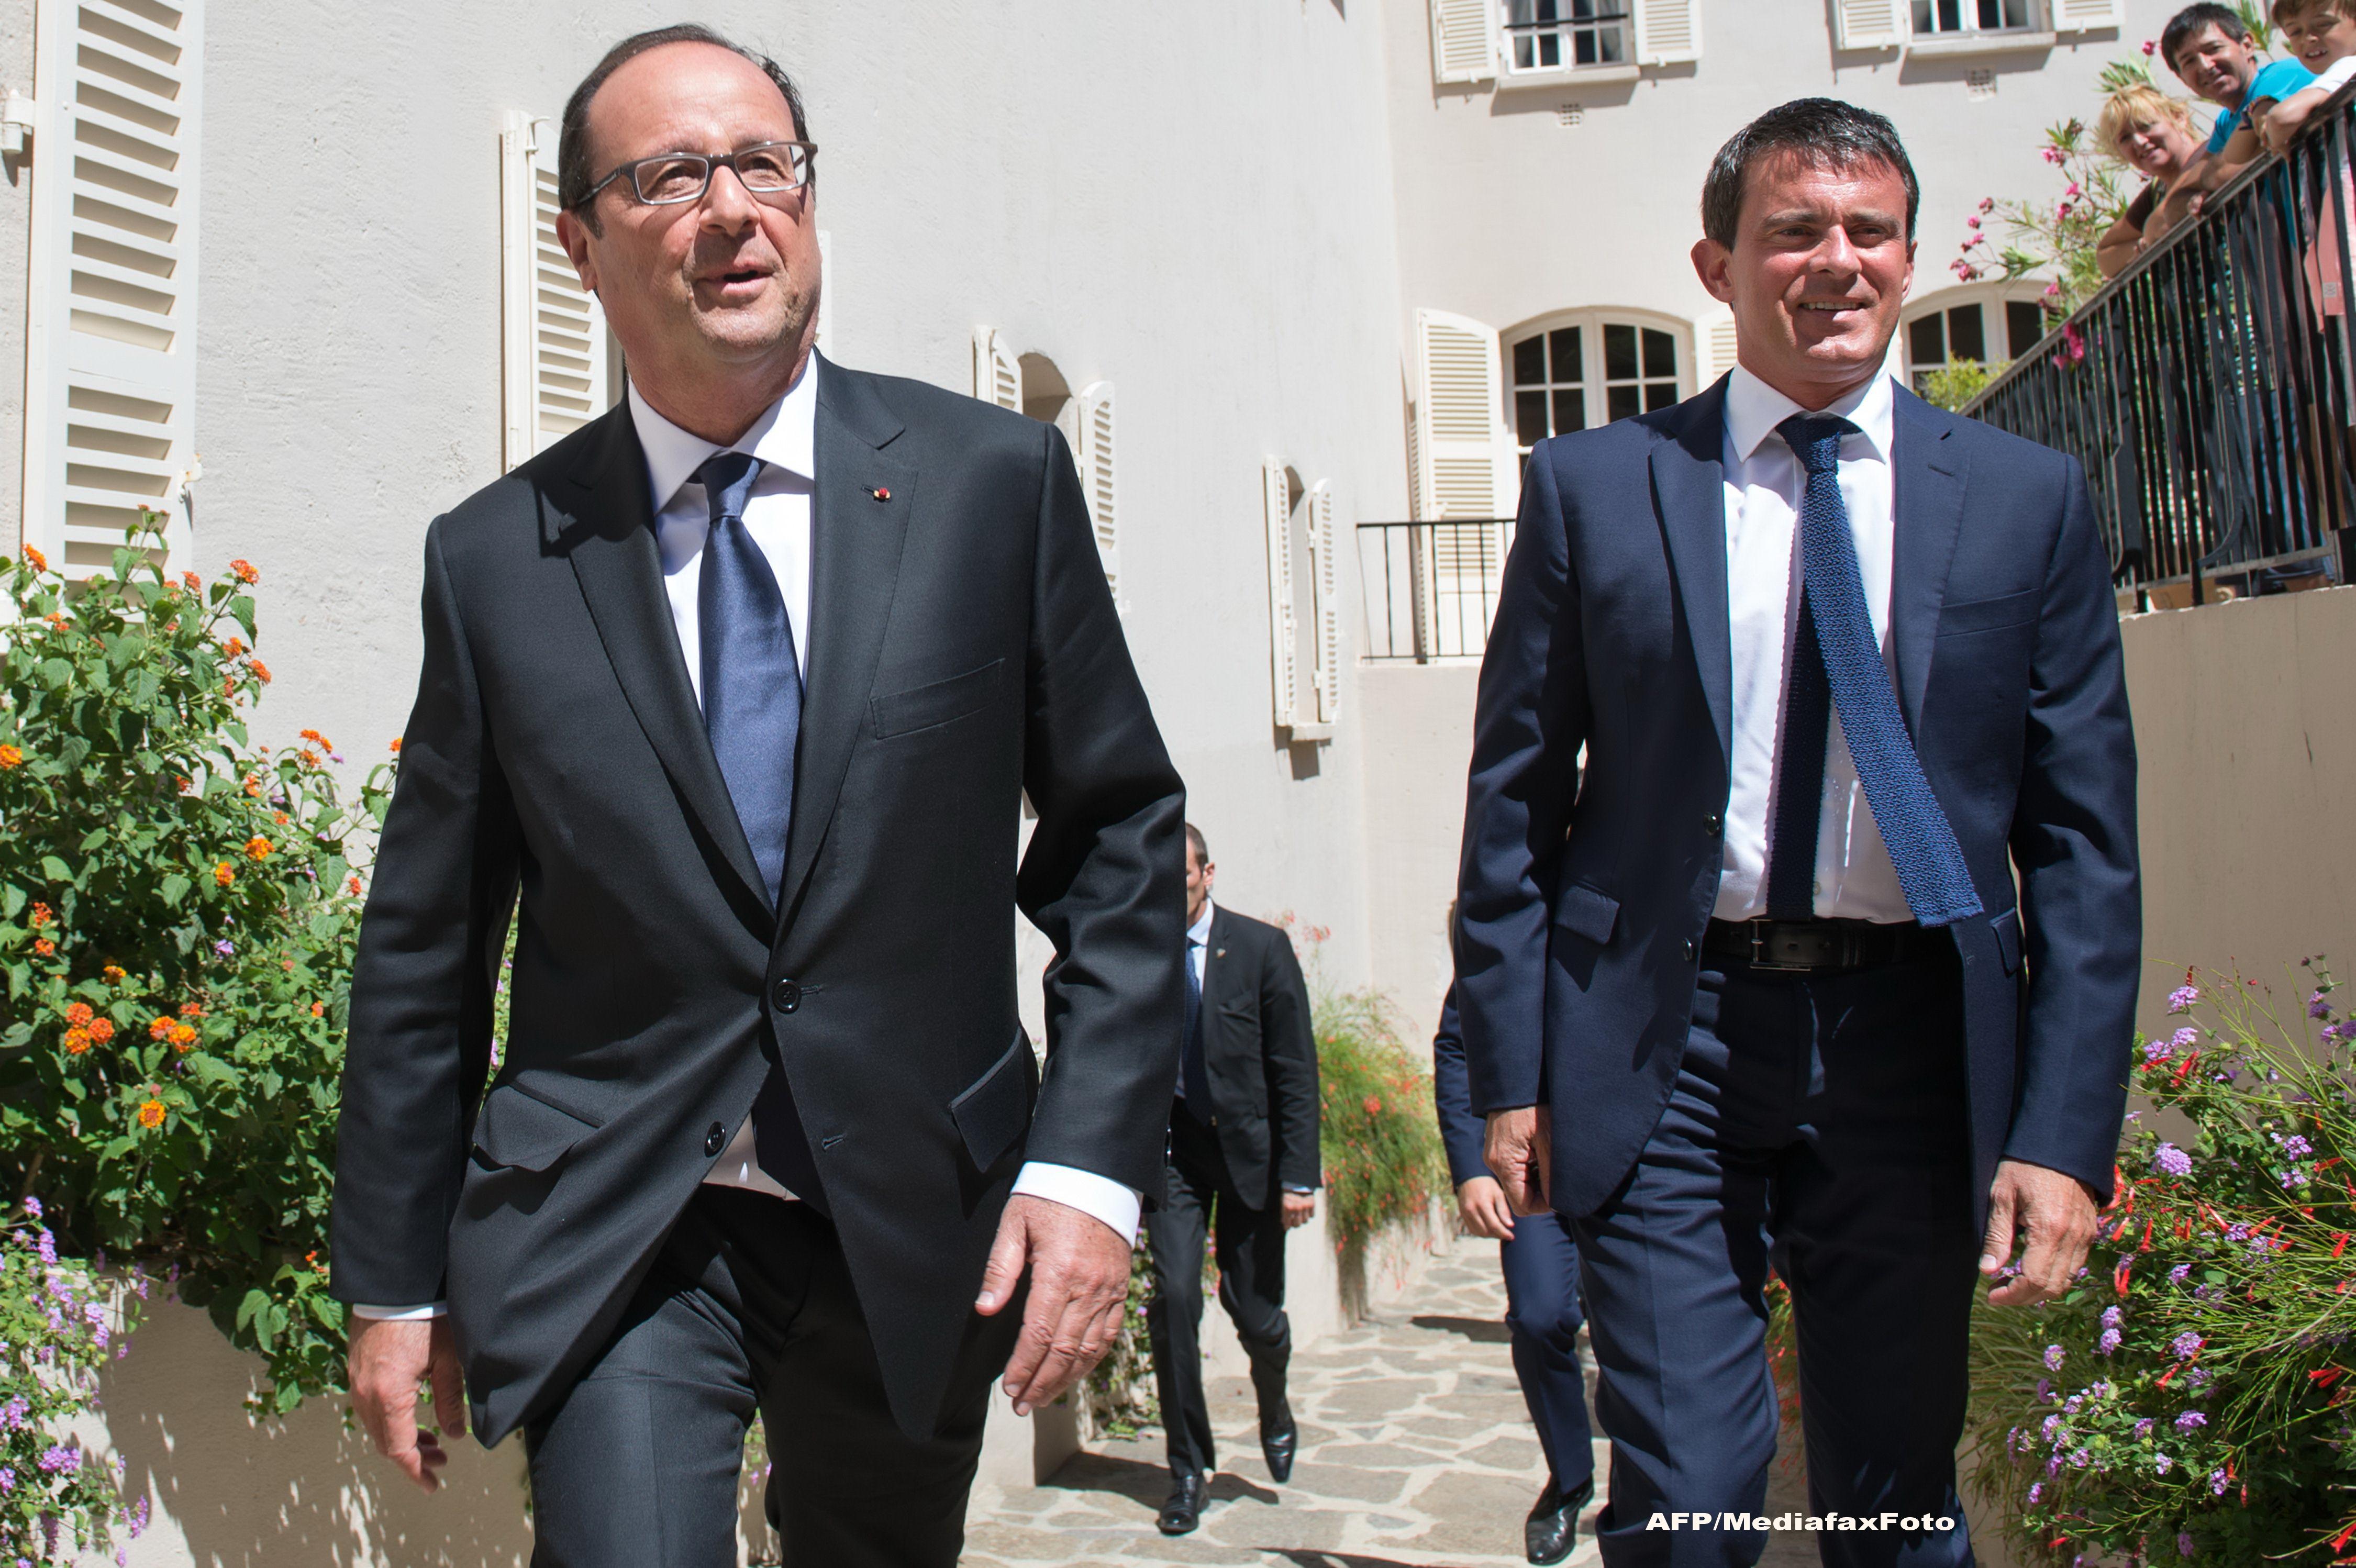 Guvernul Frantei, condus de Manuel Valls, a demisionat. Noul cabinet va fi prezentat marti